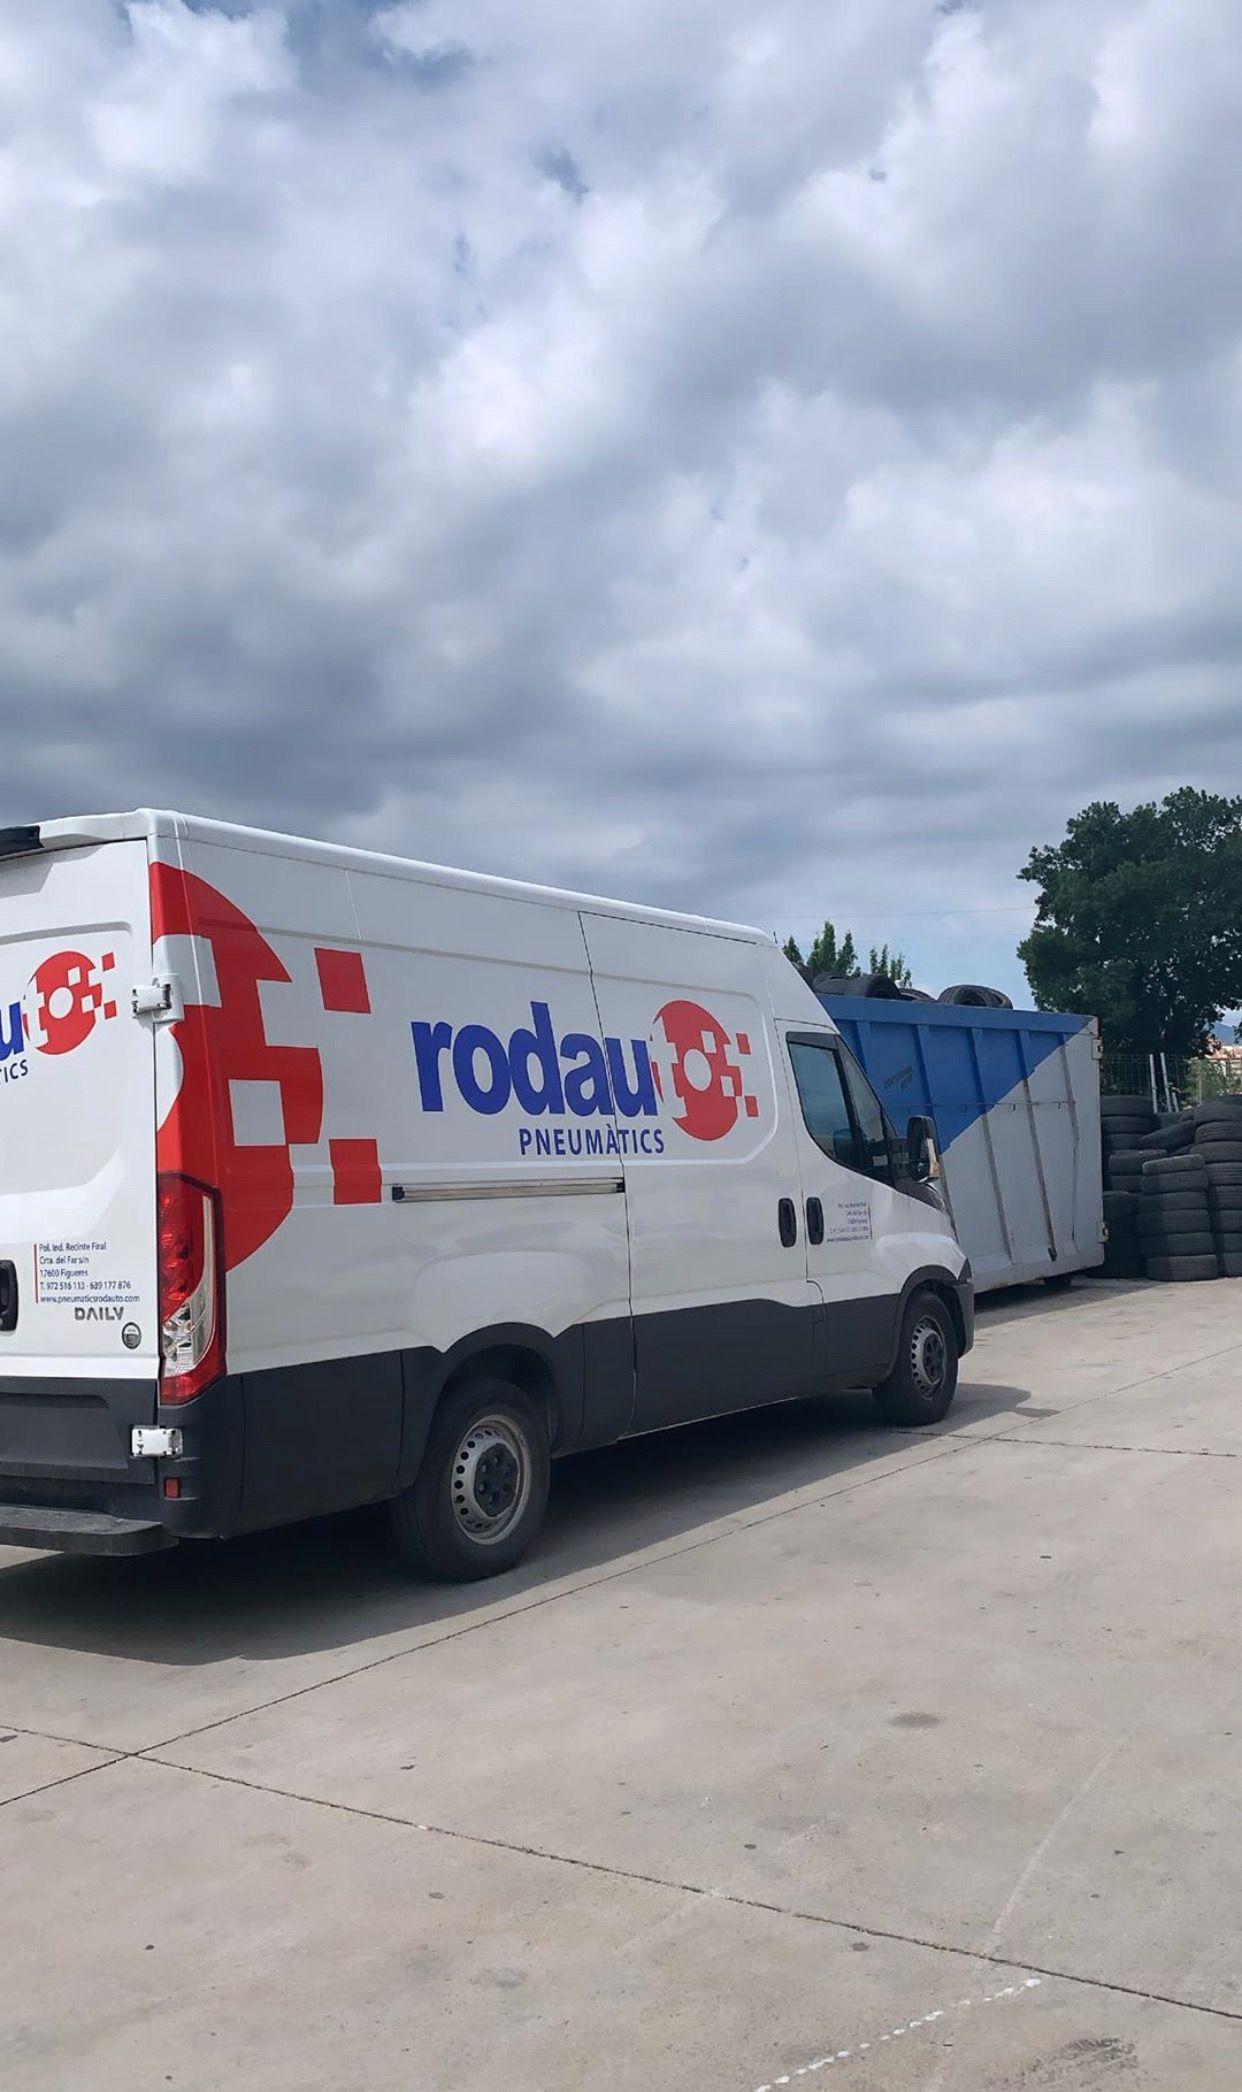 Foto 3 de Reparaciones vehículos, motos y camiones en  | Pneumàtics Rodauto de l'Empordà